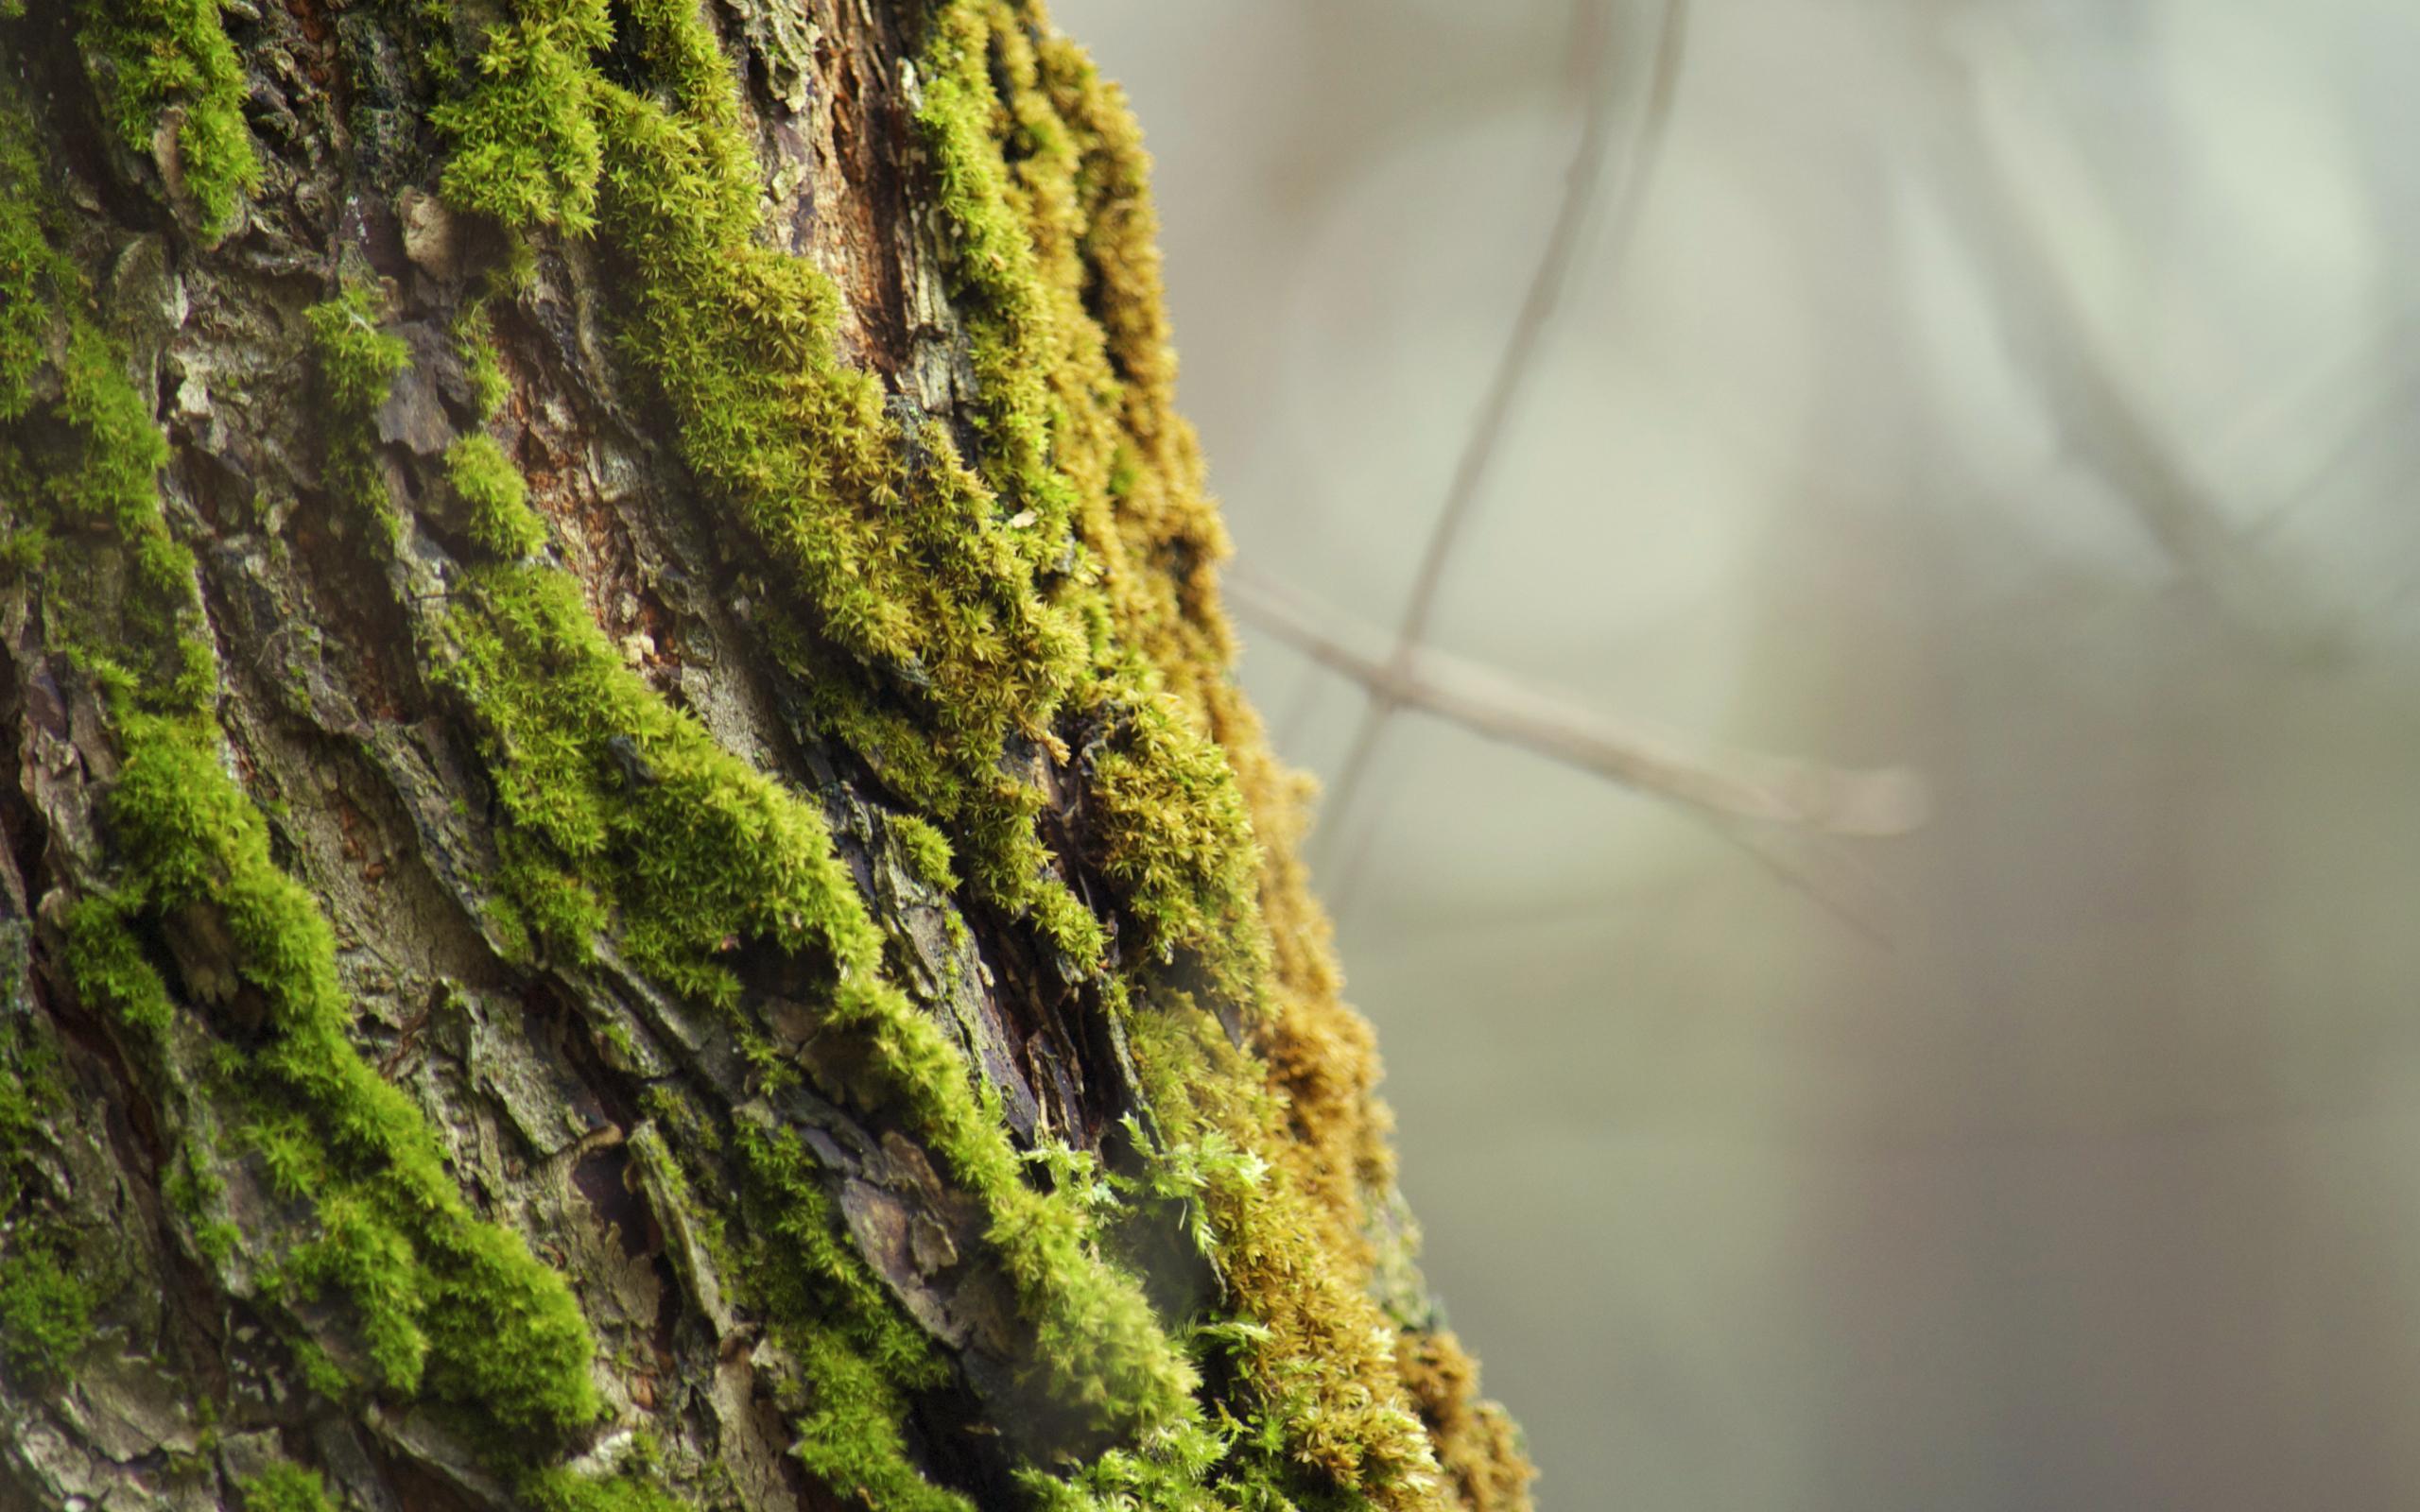 moss on the bark wallpaper   ForWallpapercom 2560x1600